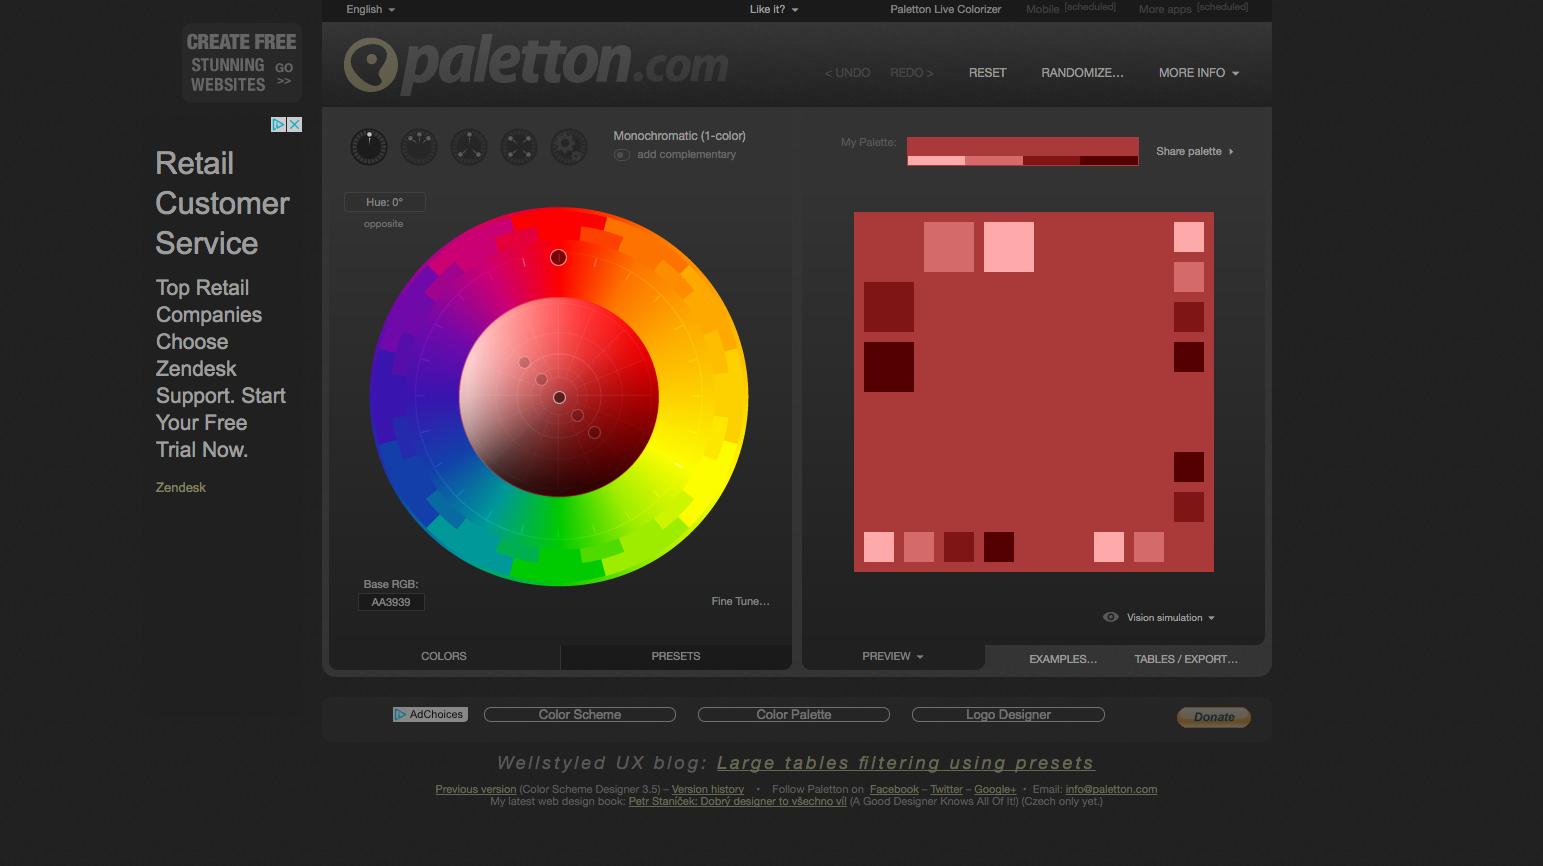 Las mejores paletas de colores para sitios web para mejorar el compromiso (2020) - 1630939775 970 Las mejores paletas de colores para sitios web para mejorar